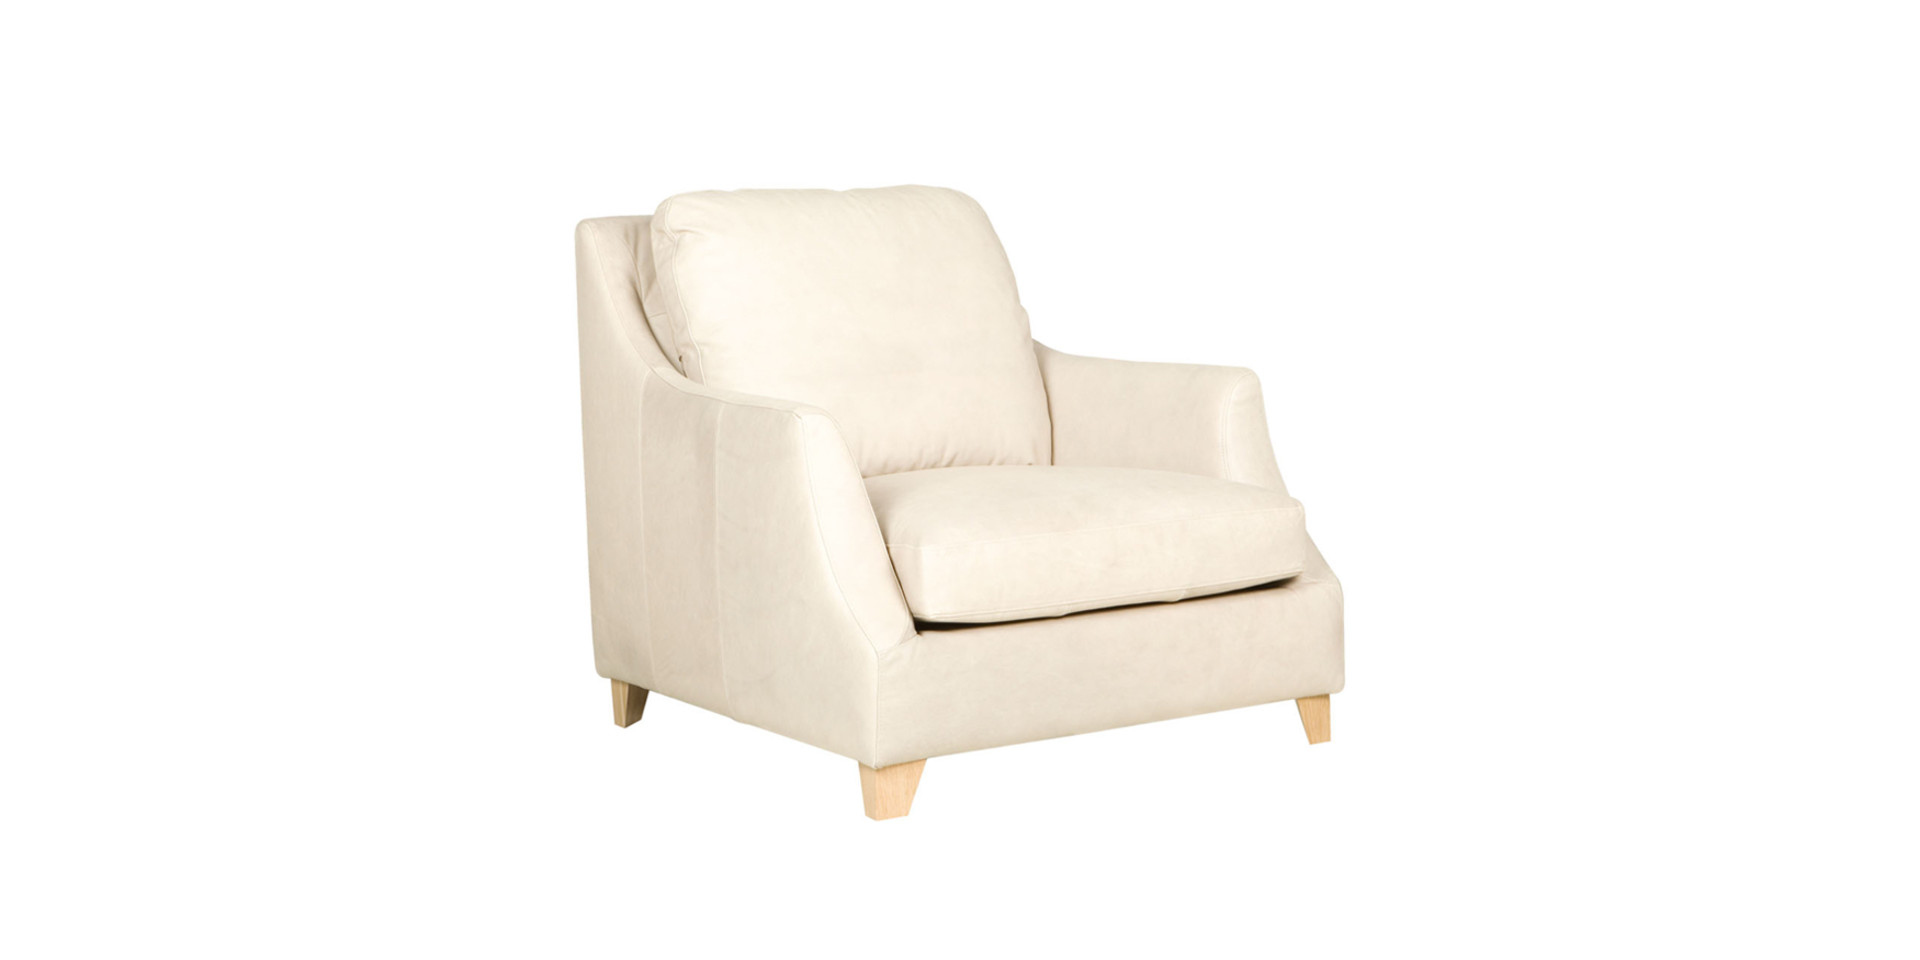 ROSE_armchair_aniline_sand_2